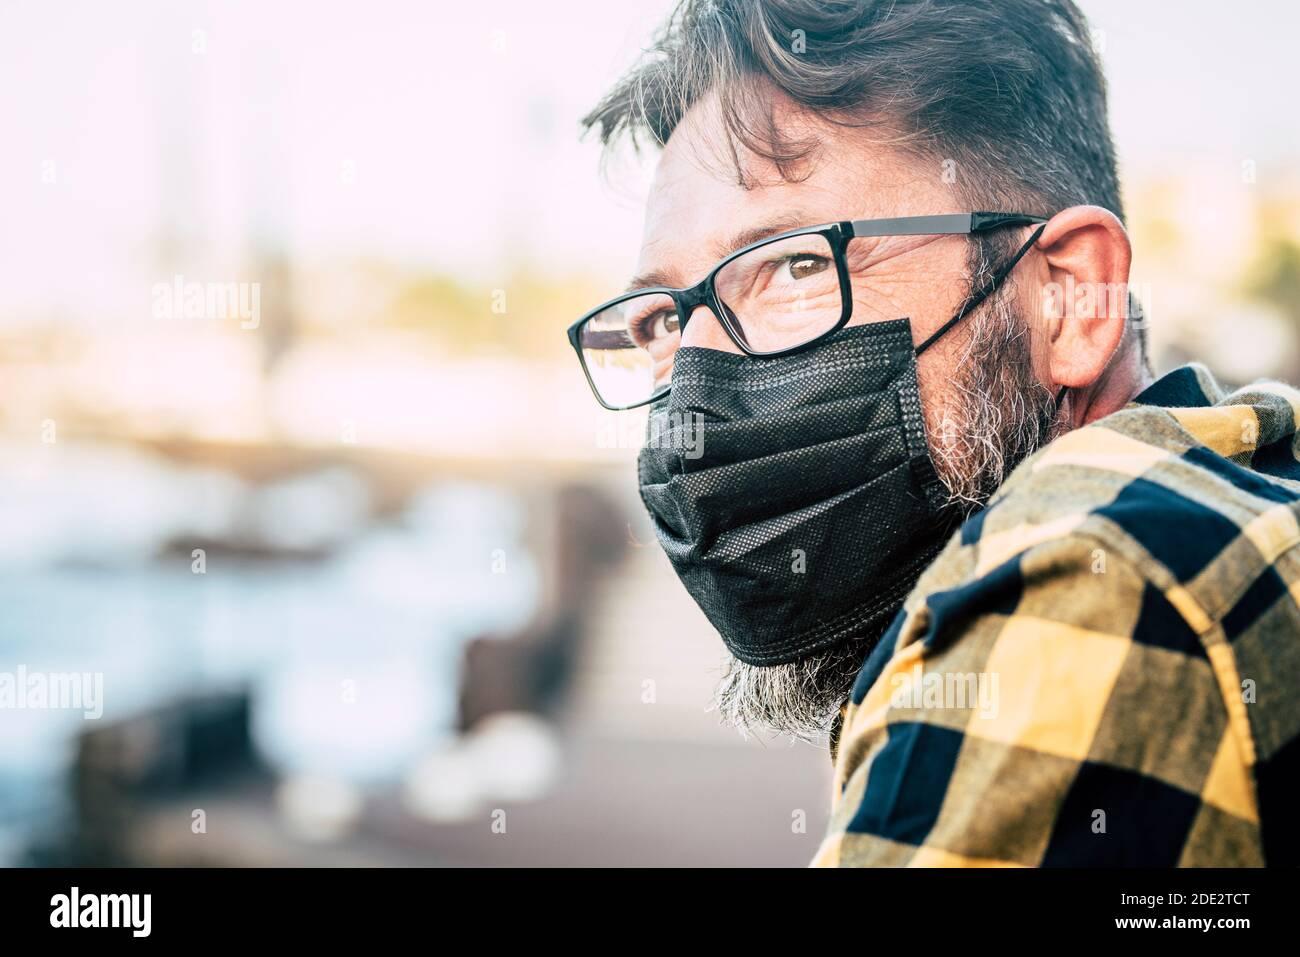 Gros plan portrait d'un beau homme avec un masque médical et des gloses pour protéger contre l'urgence pandémique covid-19 du coronavirus - personnes et mesures de sécurité Banque D'Images